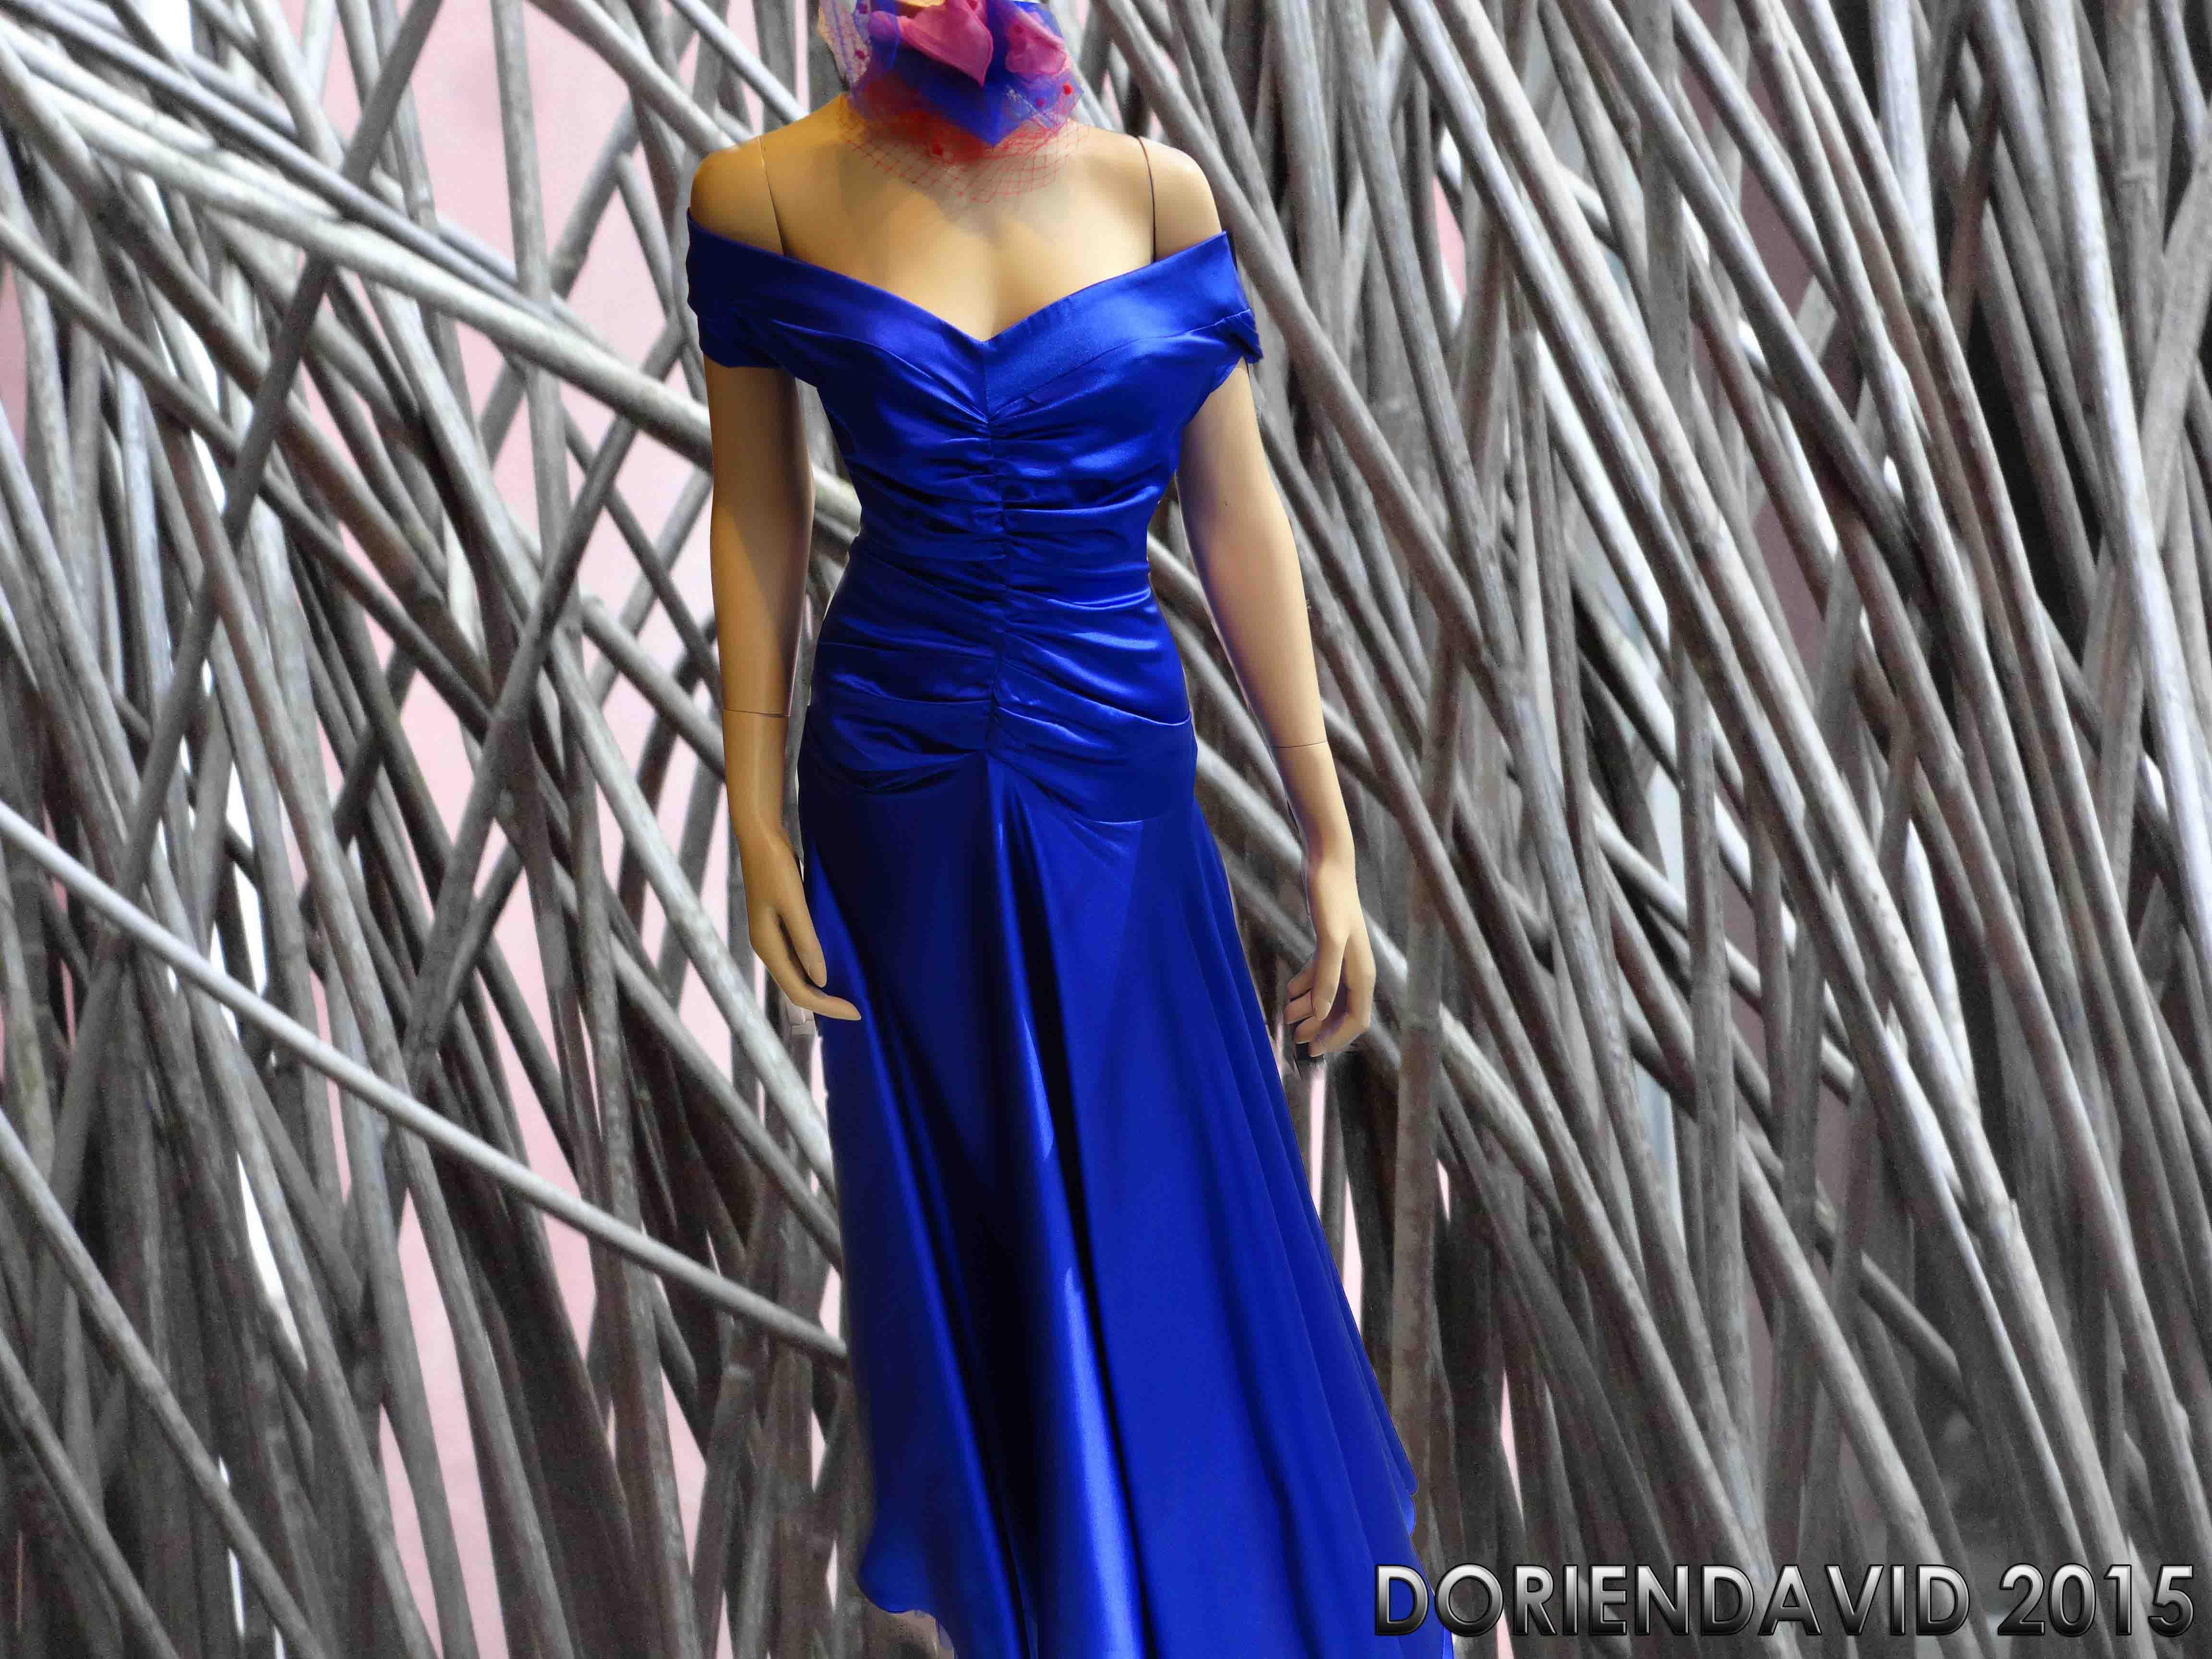 Zijden blauwe jurk